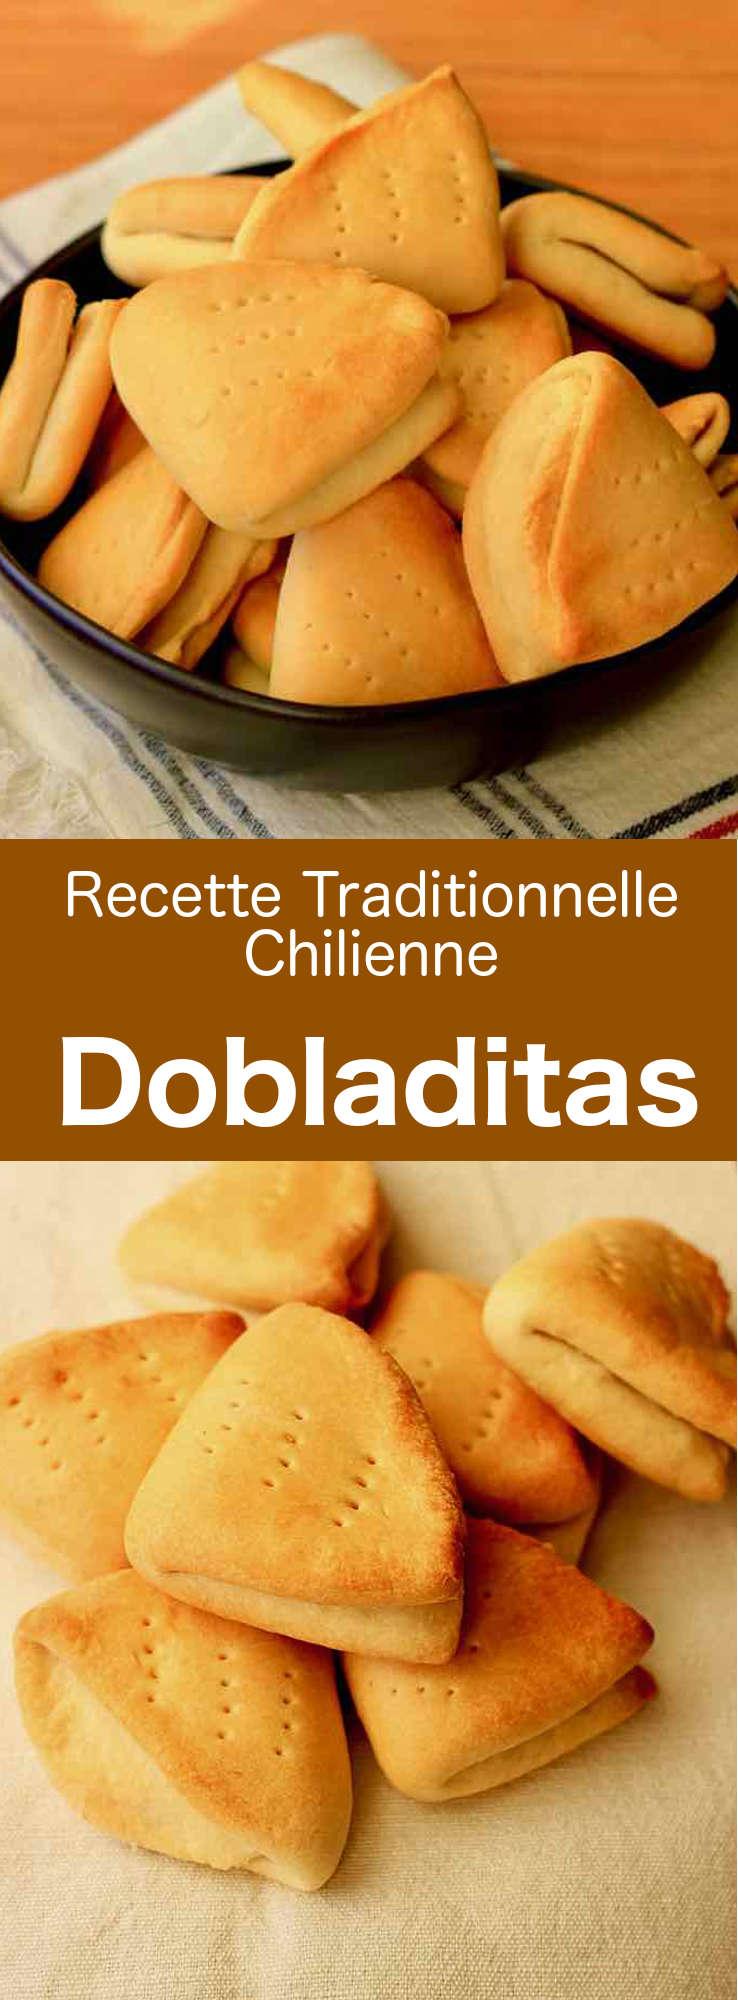 Les dobladitas sont de petits pains traditionnels chilien sans levain qui se préparent avec une petite quantité de levure chimique. #Chili #RecetteChilienne #CuisineChilienne #CuisineDuMonde #196flavors